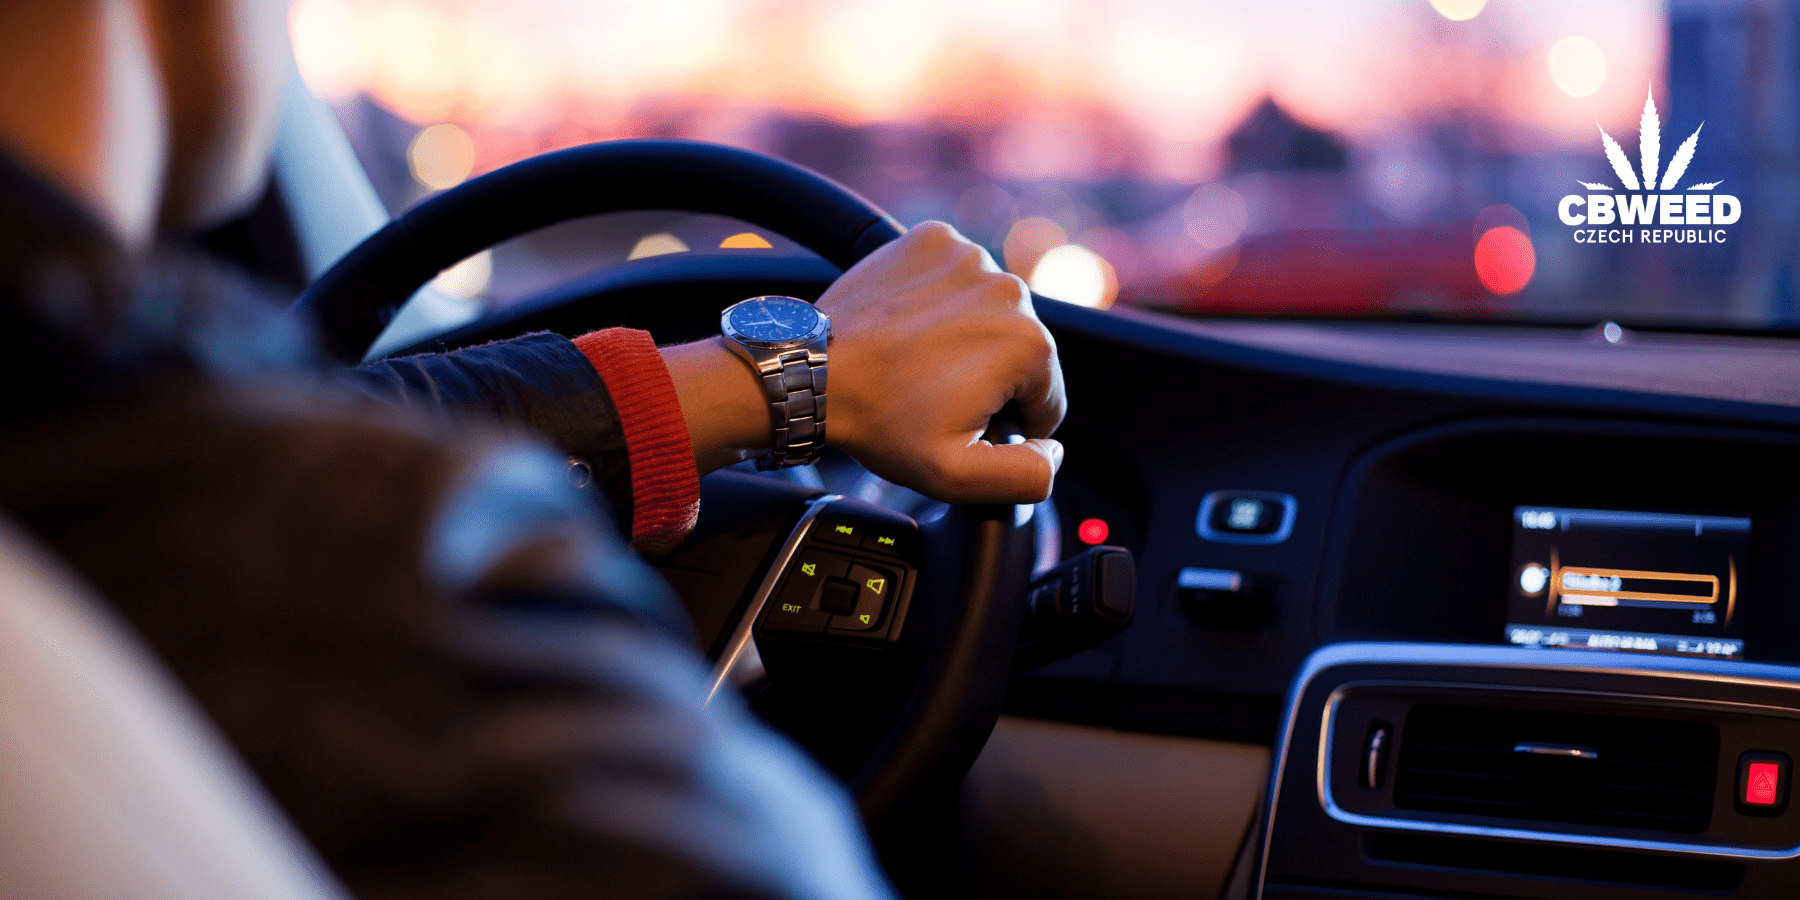 Je bezpečné používat CBD před řízením?